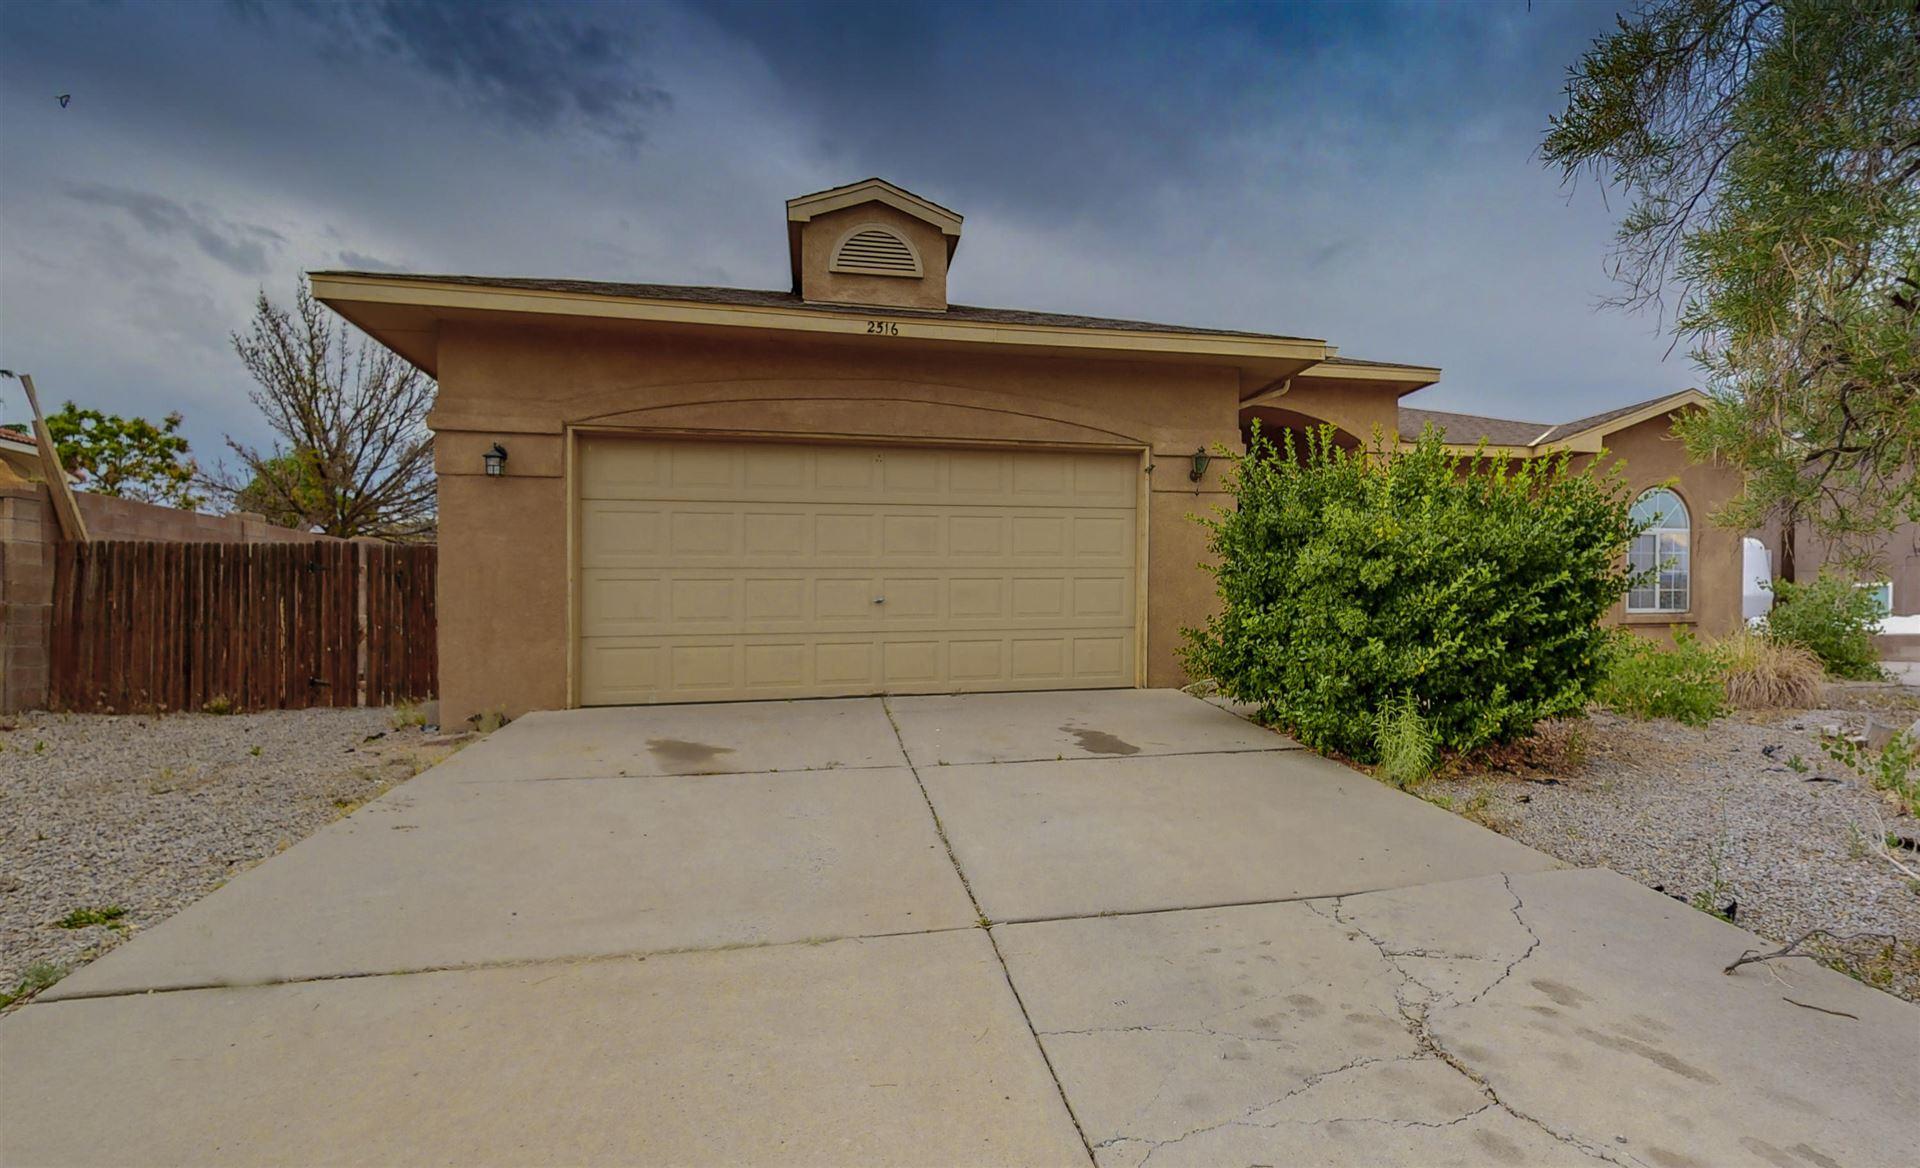 Photo of 2516 Manzano Loop NE, Rio Rancho, NM 87144 (MLS # 993749)